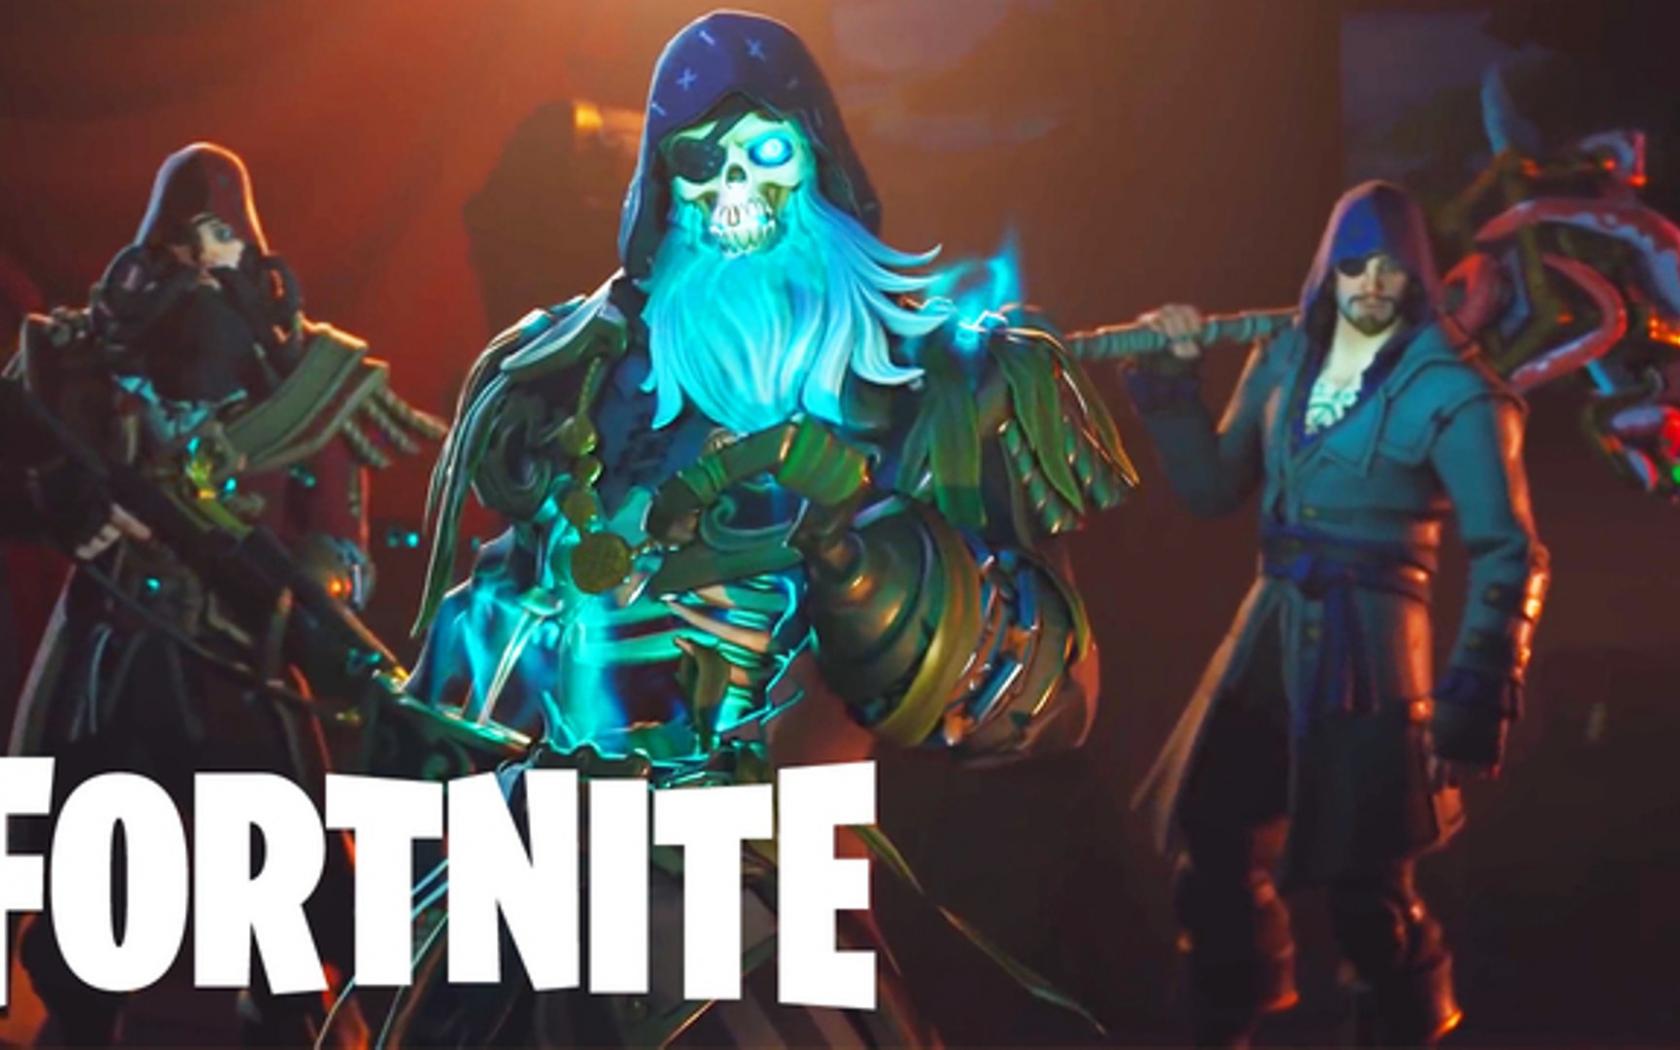 Free Download Fortnite Season 8 Wallpaper Cool Fortnite Aimbot